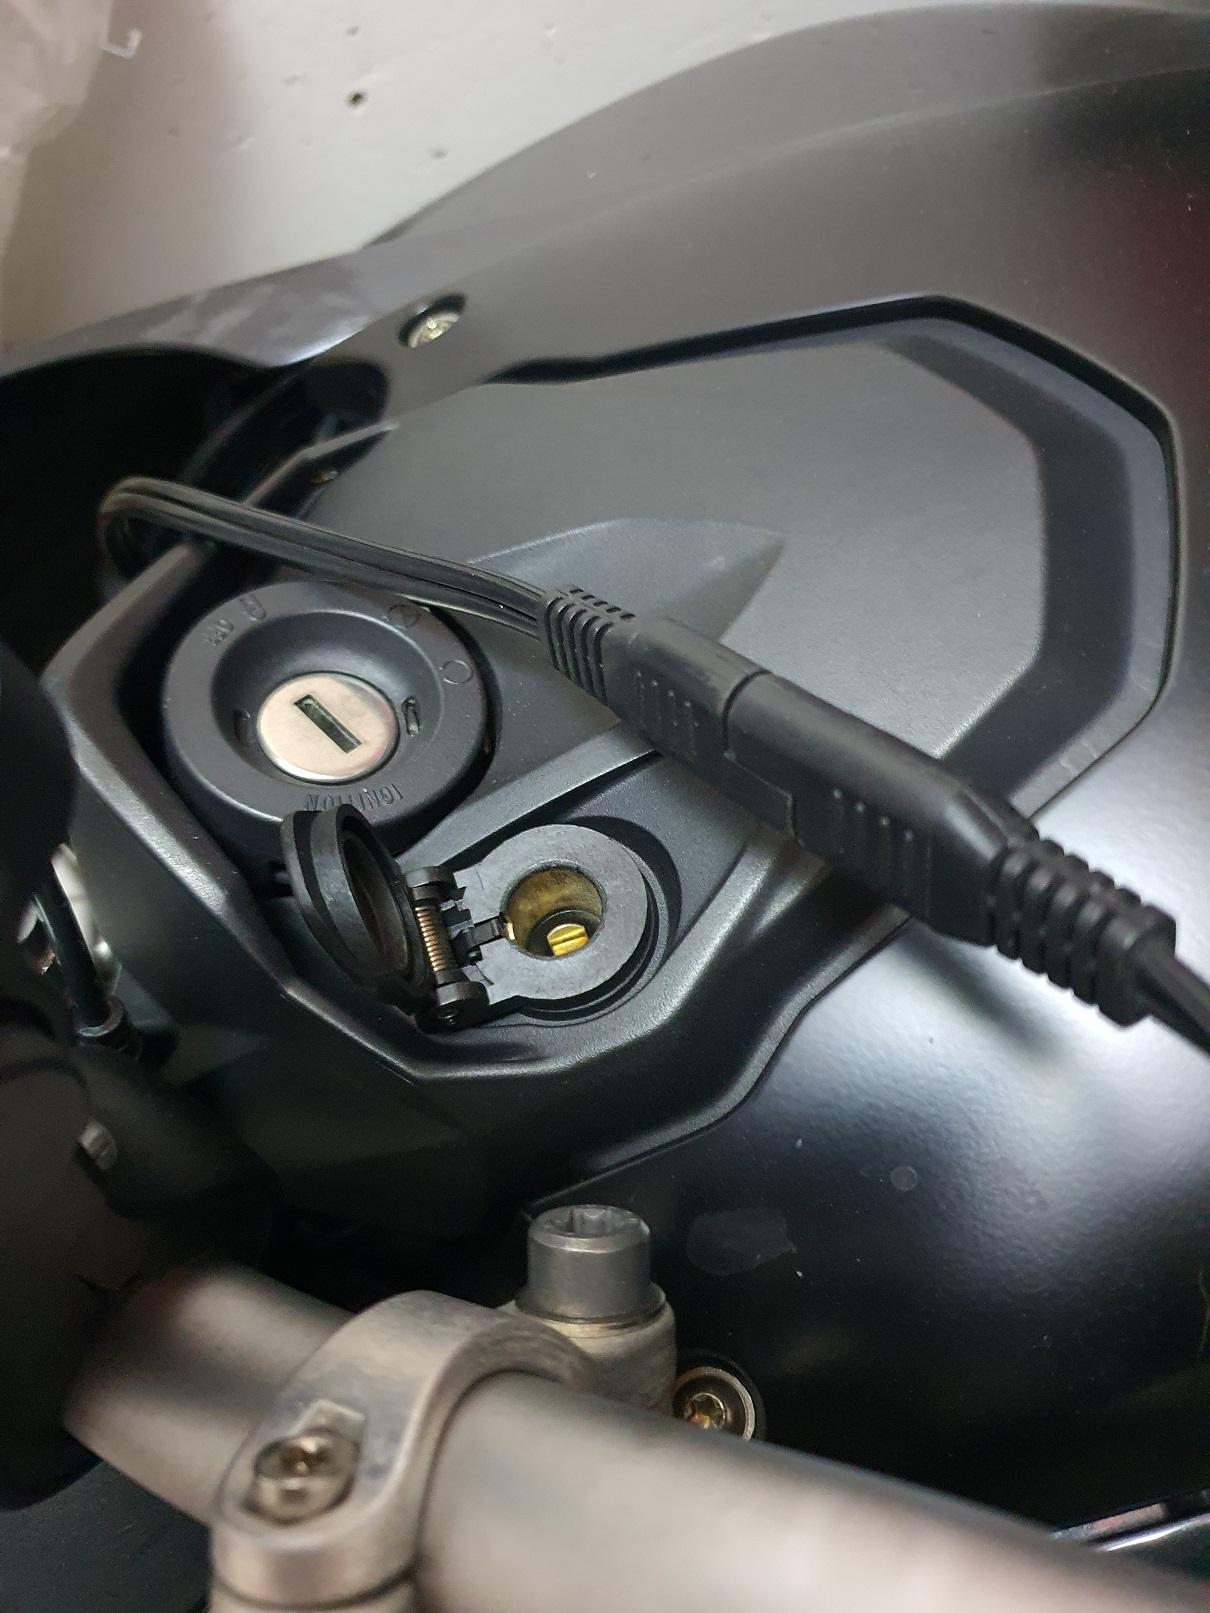 Una BMW GS con il cavetto ad occhielli fissato direttamente alla batteria: nessuna noia con il sistema can-bus che gestisce la presa DIN (visibile in basso, aperta)